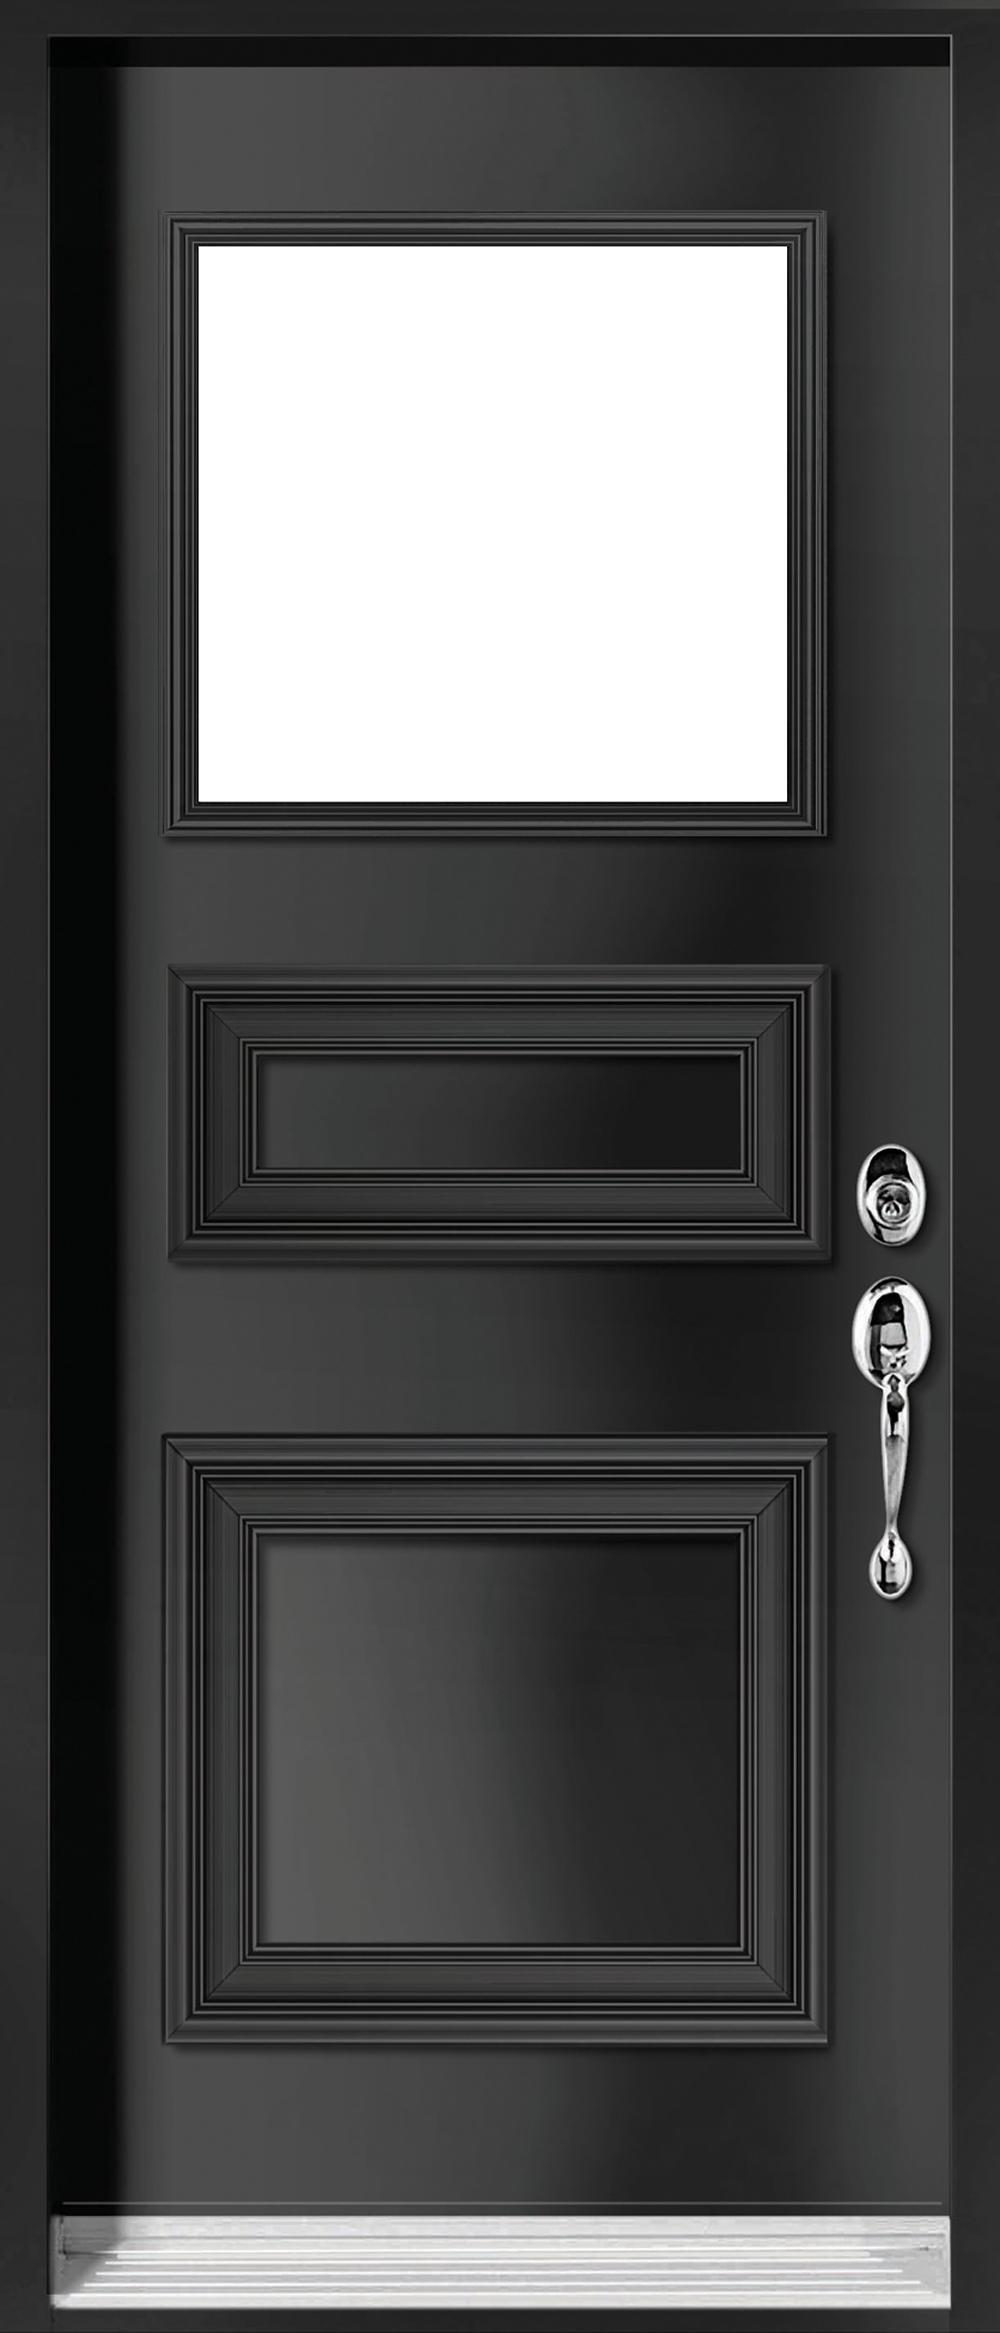 Glass Panel Exterior Door executive steel glass panel exterior door | jeld-wen windows & doors